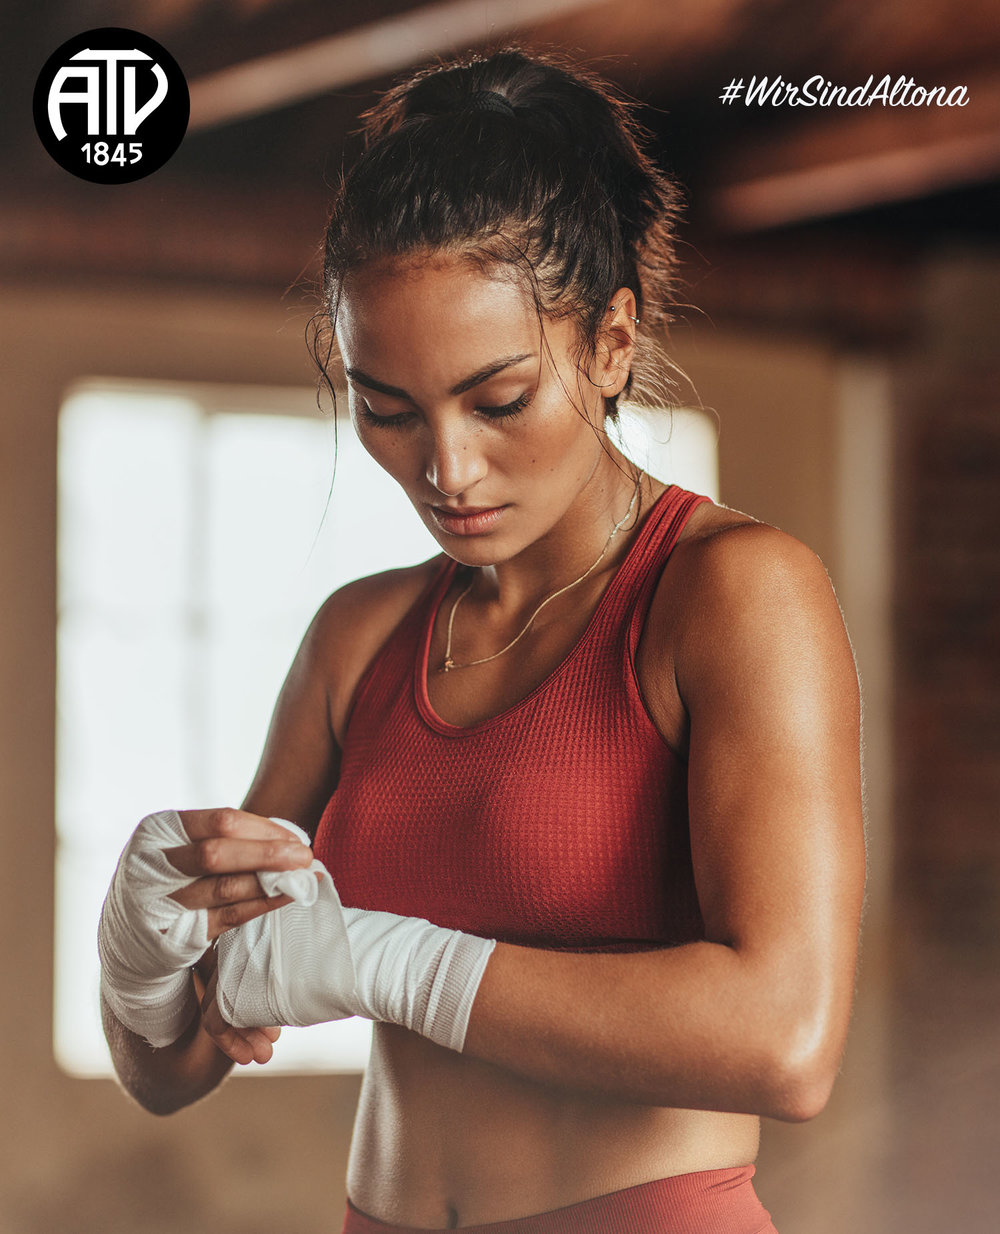 Liebe Mitglieder,  wir freuen uns sehr ab Dienstag, den 15.01.19, einen Boxkurs für Frauen anbieten zu können.  Boxen ist ein Ganzkörpertraining, stärkt das Reaktionsvermögen und fördert die Schnelligkeit und Ausdauer. Durch das hochintensive Training bekommt man einen guten Ausgleich zum Alltag und kann Stress abbauen. Außerdem wird das Selbstbewusstsein gefestigt. Nach einem Warm-Up mit Seilspringen und allgemeinen Aufwärmtechniken für den gesamten Körper, werden im Anschluss grundlegende Boxtechniken und -taktiken vermittelt.  Wir freuen uns auf Eure Teilnahme und wünschen Euch viel Spaß mit diesem Kursangebot.  Euer ATV-Team